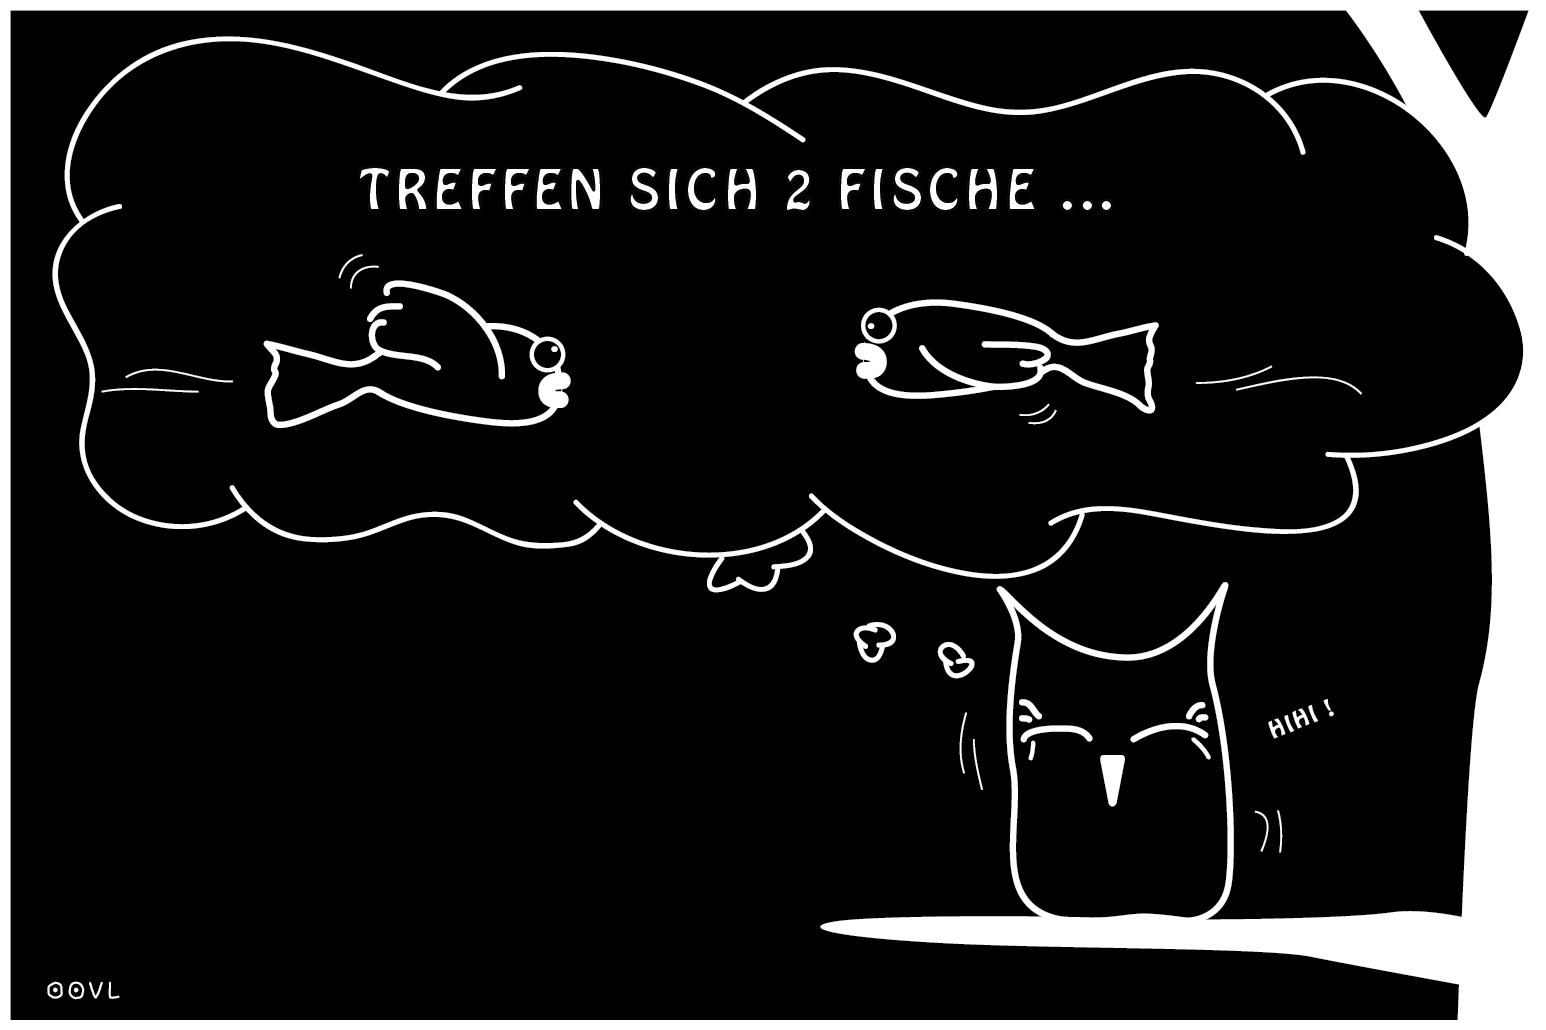 Ein OOVL-Comic von Vera Liesmann über alte Antiwitze.